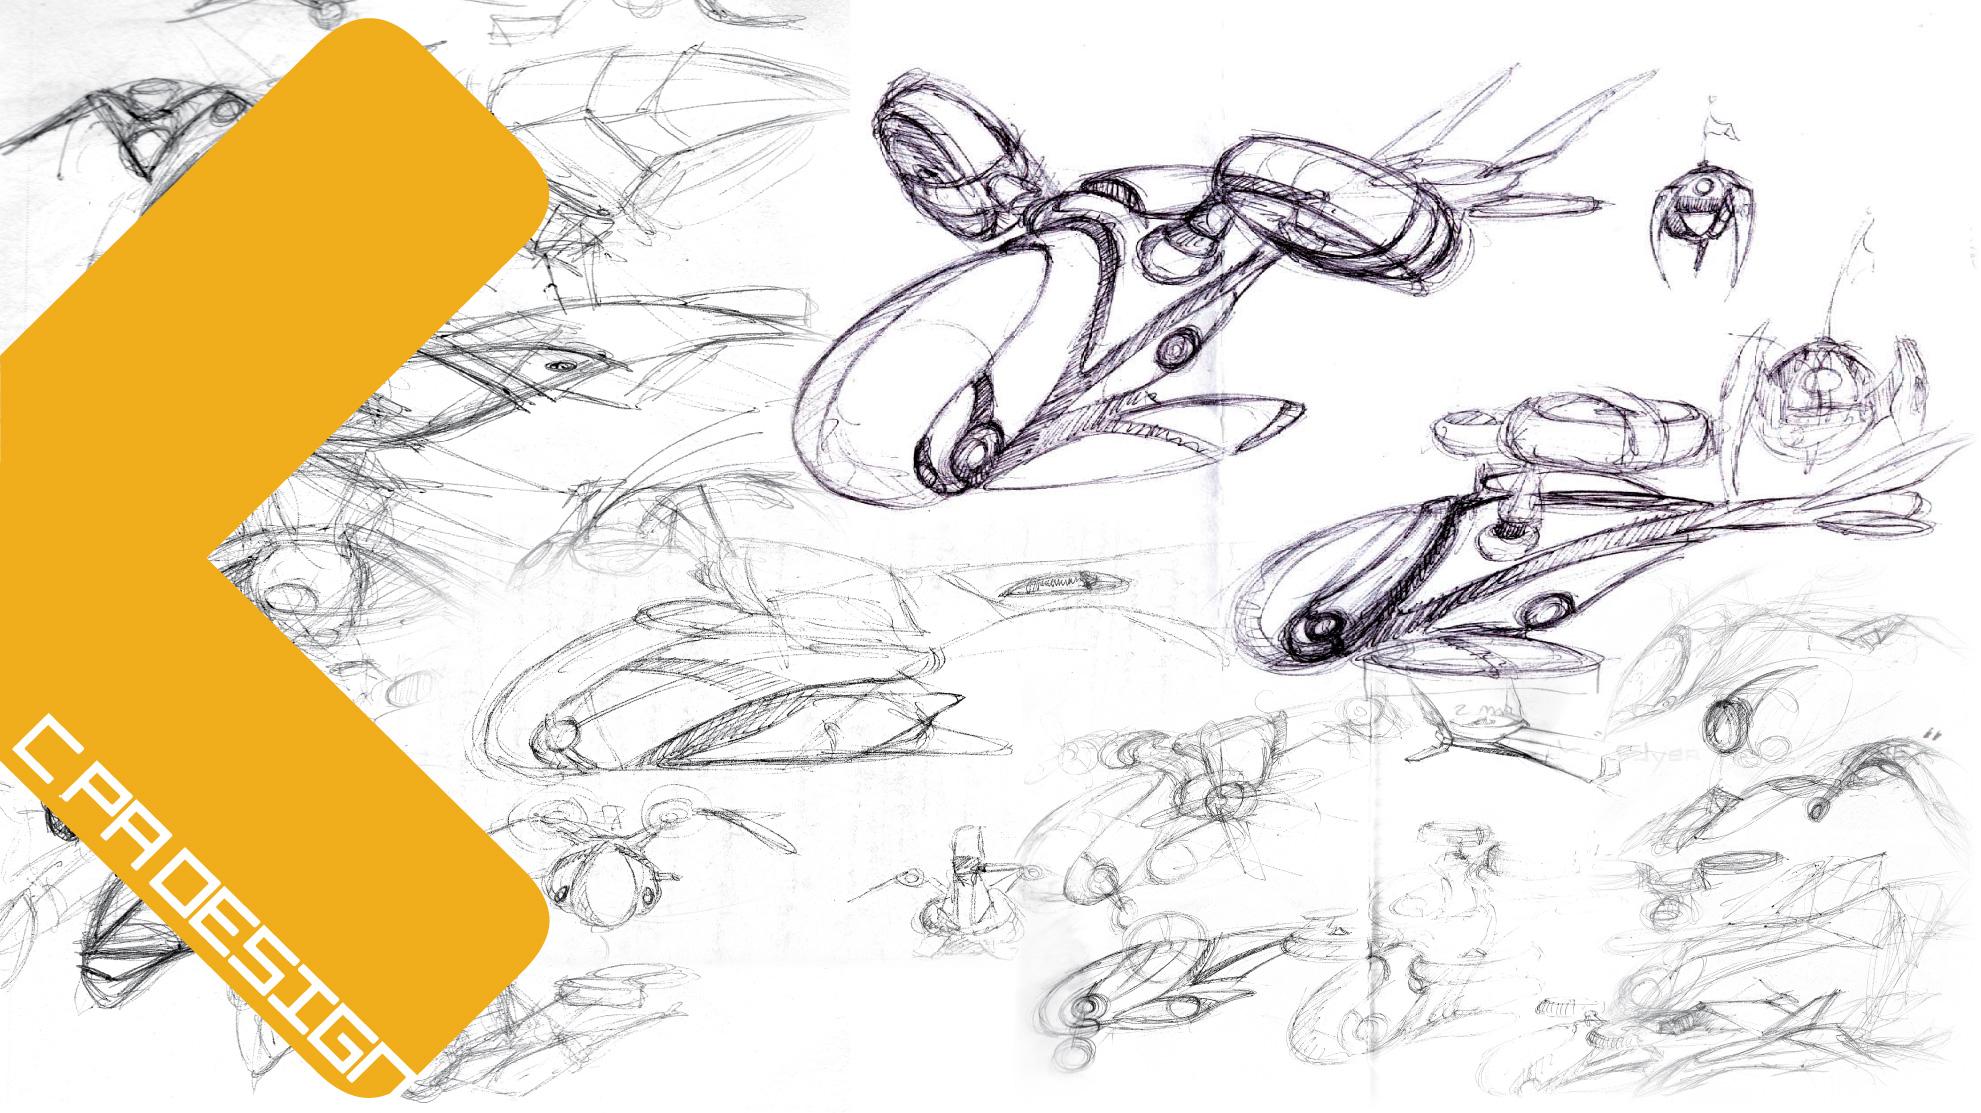 c_pa_design_produit_dessin-croquis-visuel-concept